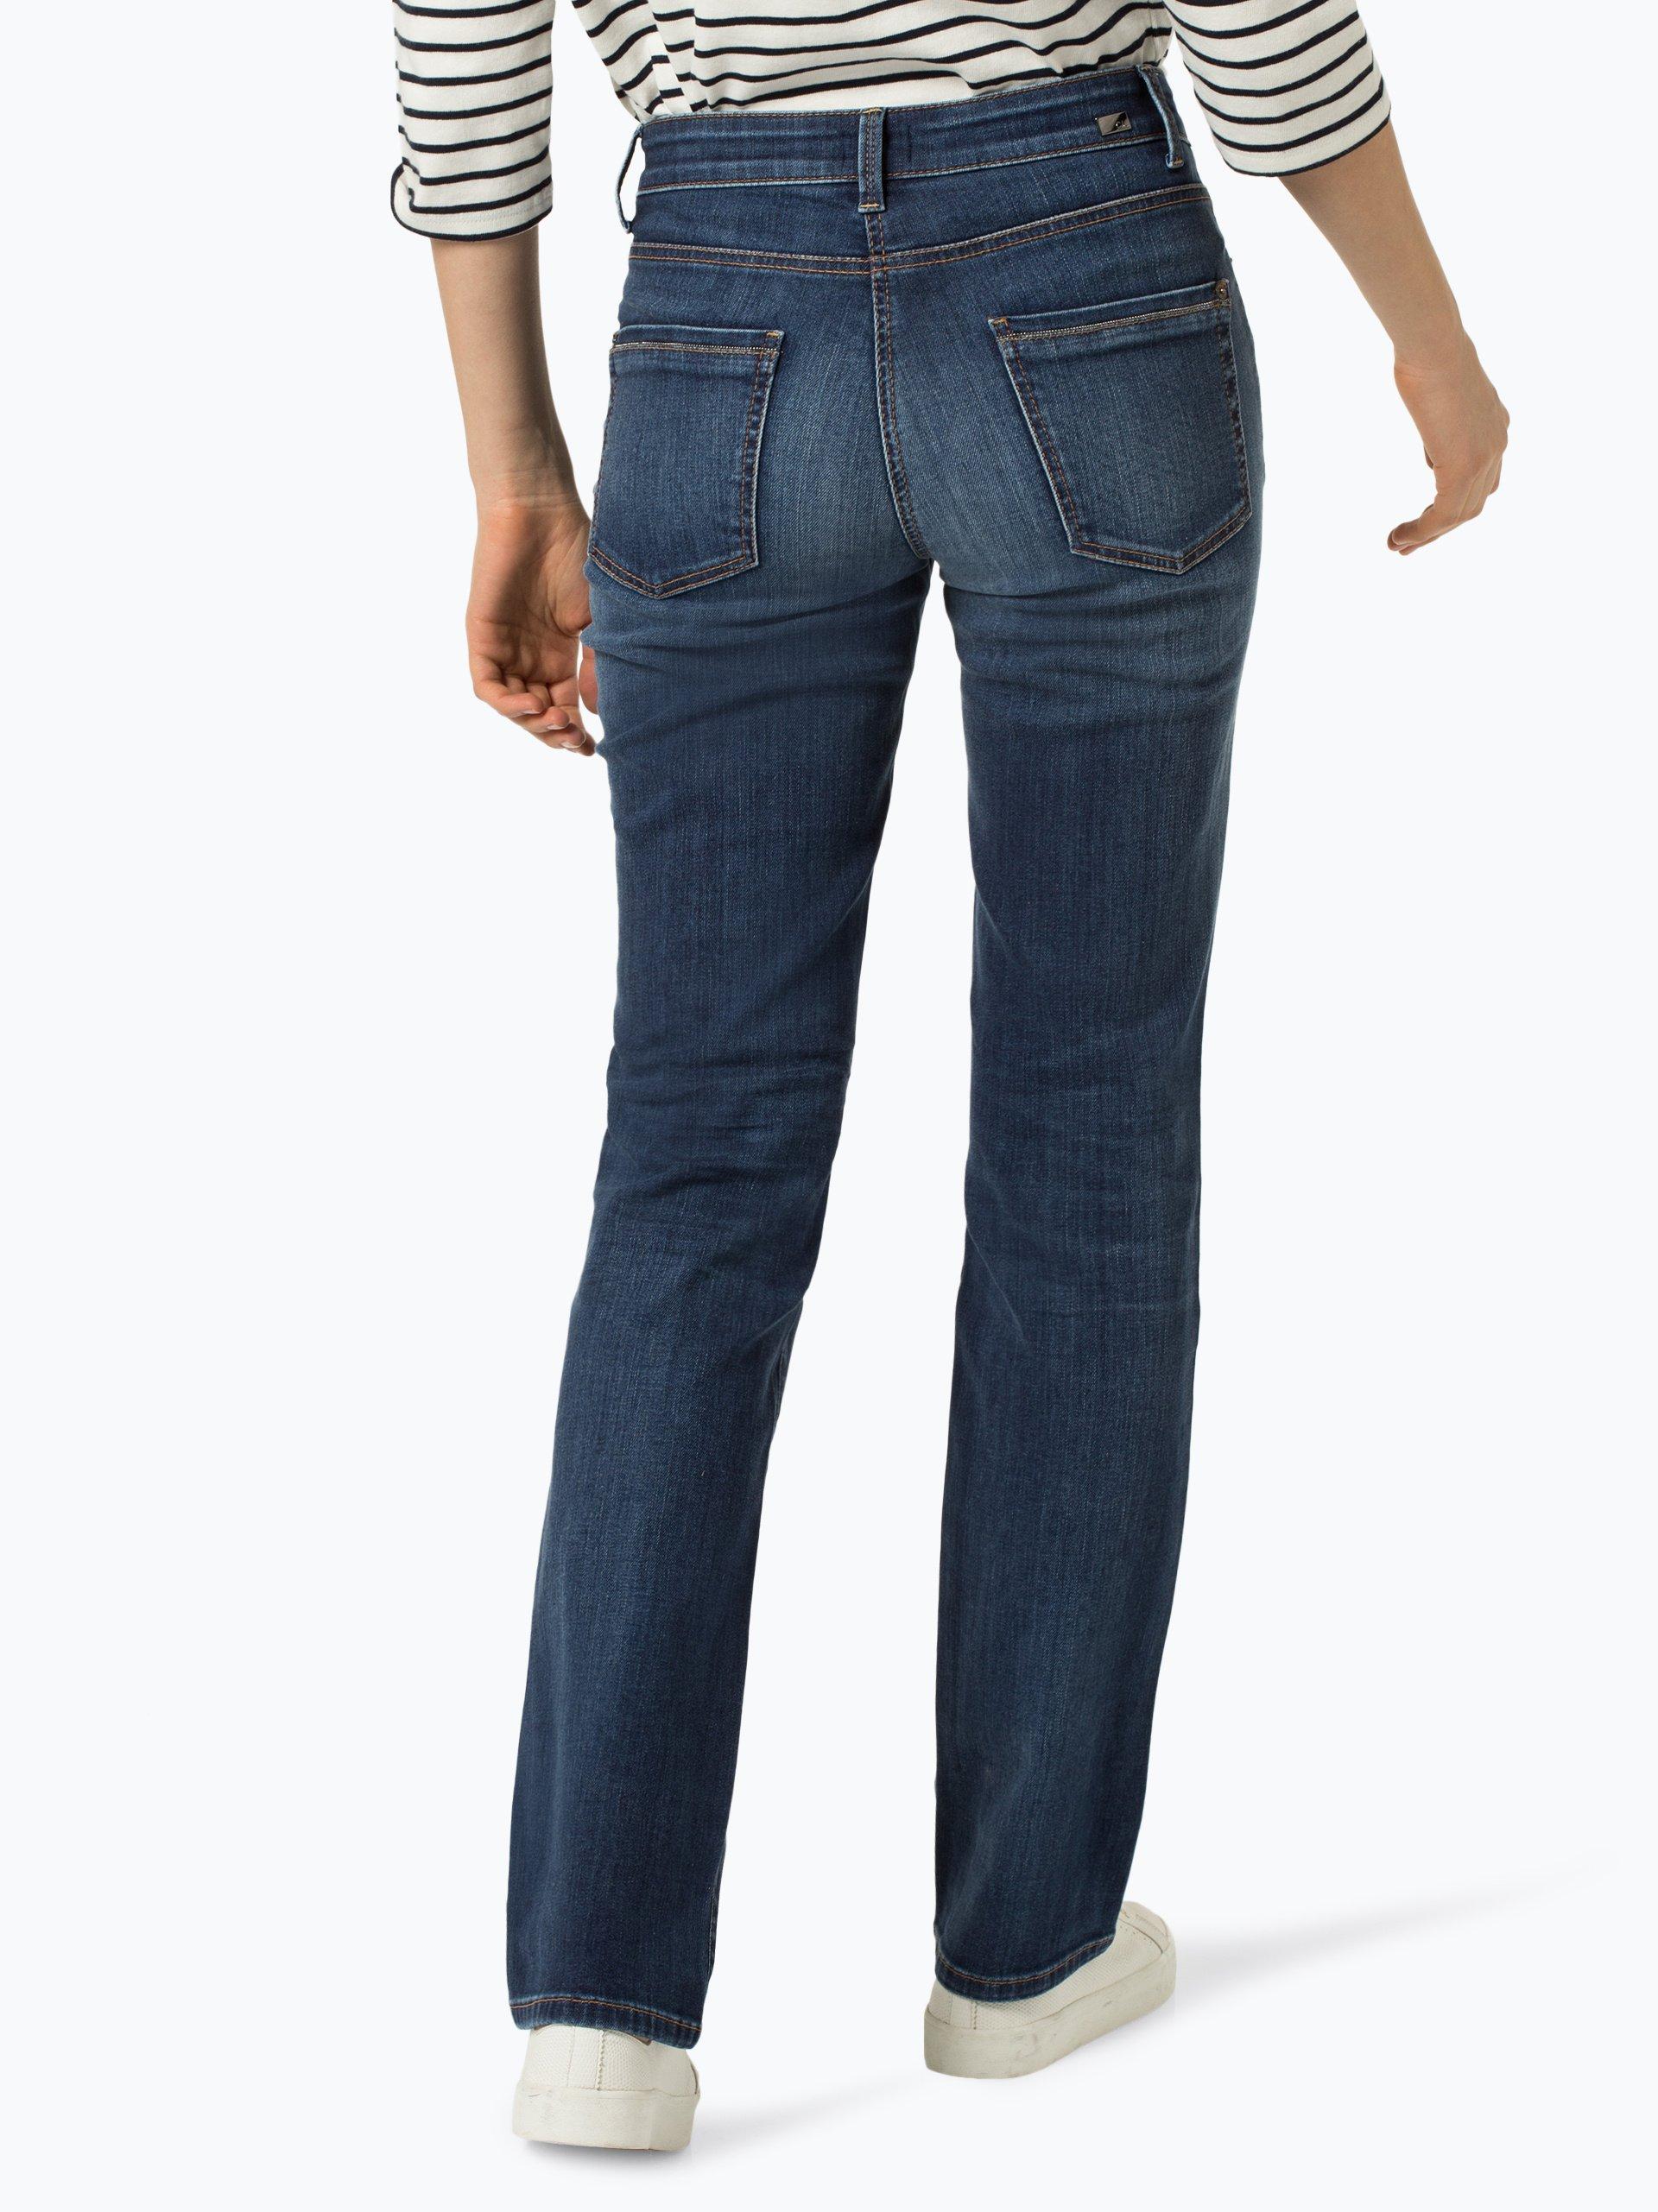 Cambio Damen Jeans - Norah online kaufen | VANGRAAF.COM